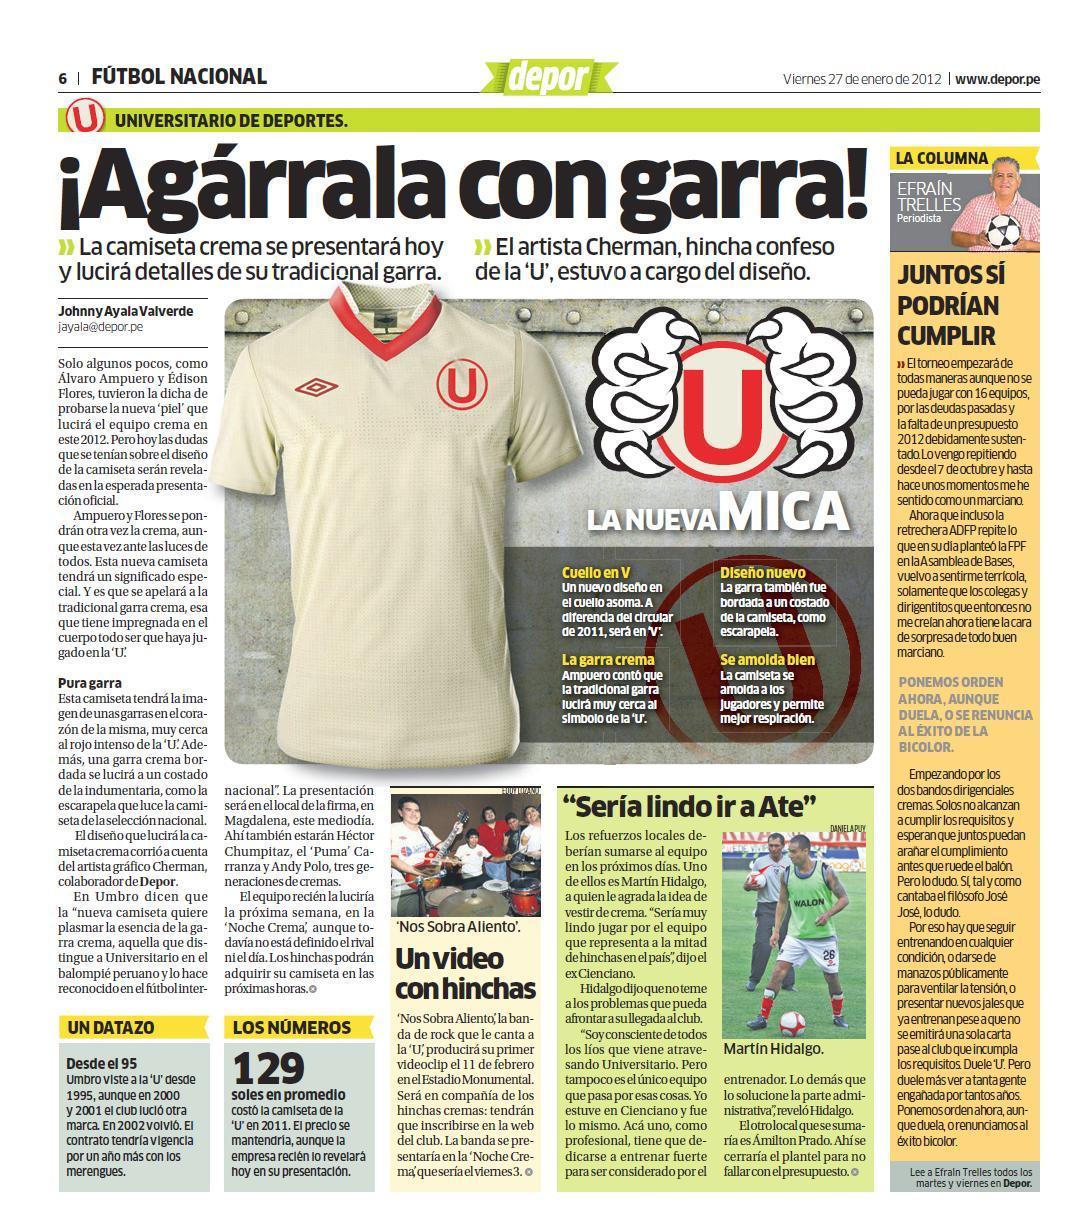 """ca39a7883 Con harta garra: Esta es la nueva camiseta de la 'U' Los cremas presentaron  la 'piel' que usarán este 2012. """"La garra es lo que identifica al equipo"""",  ..."""